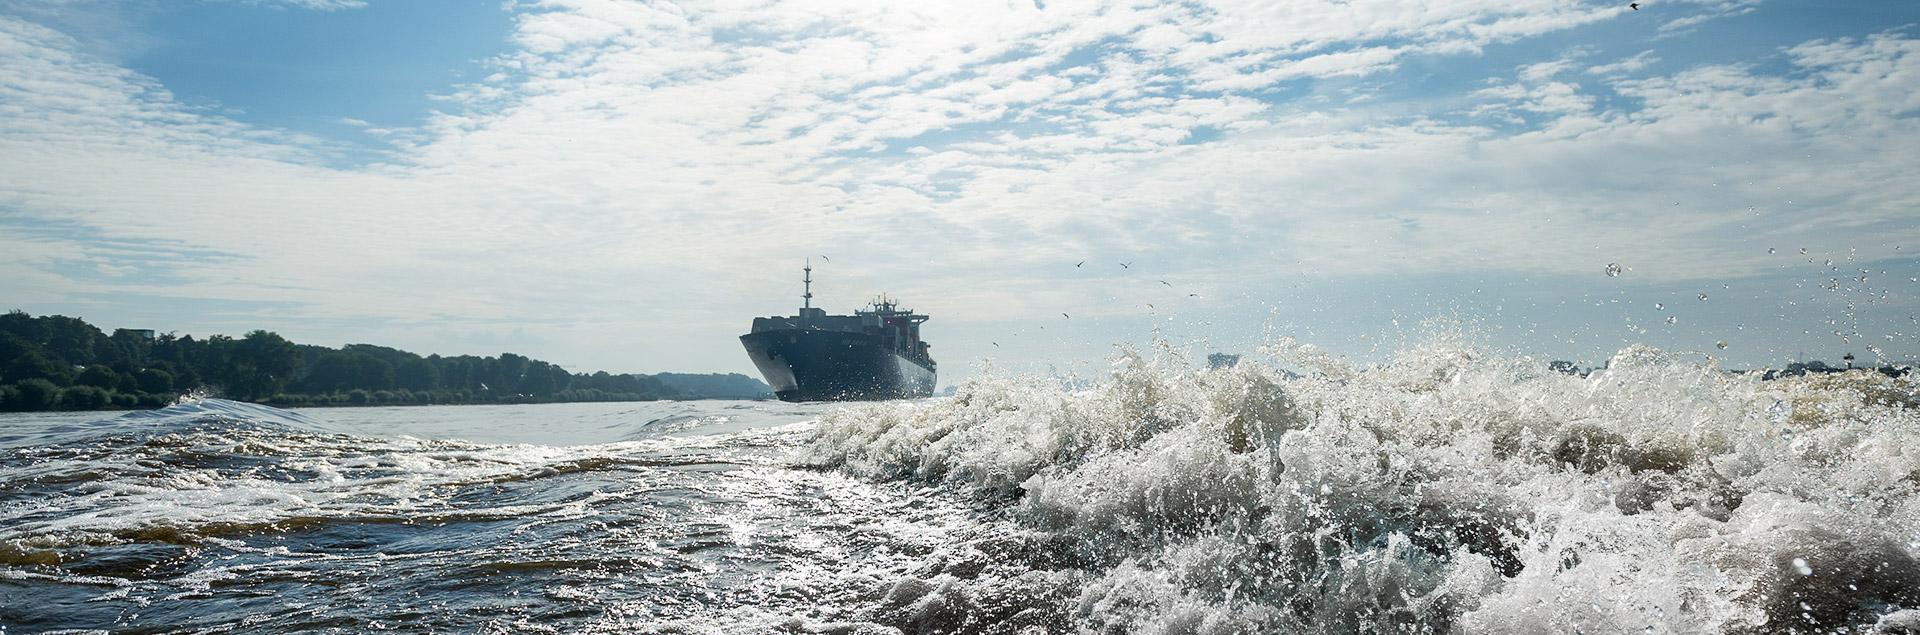 Hamburg Containerschiff Wasser Welle